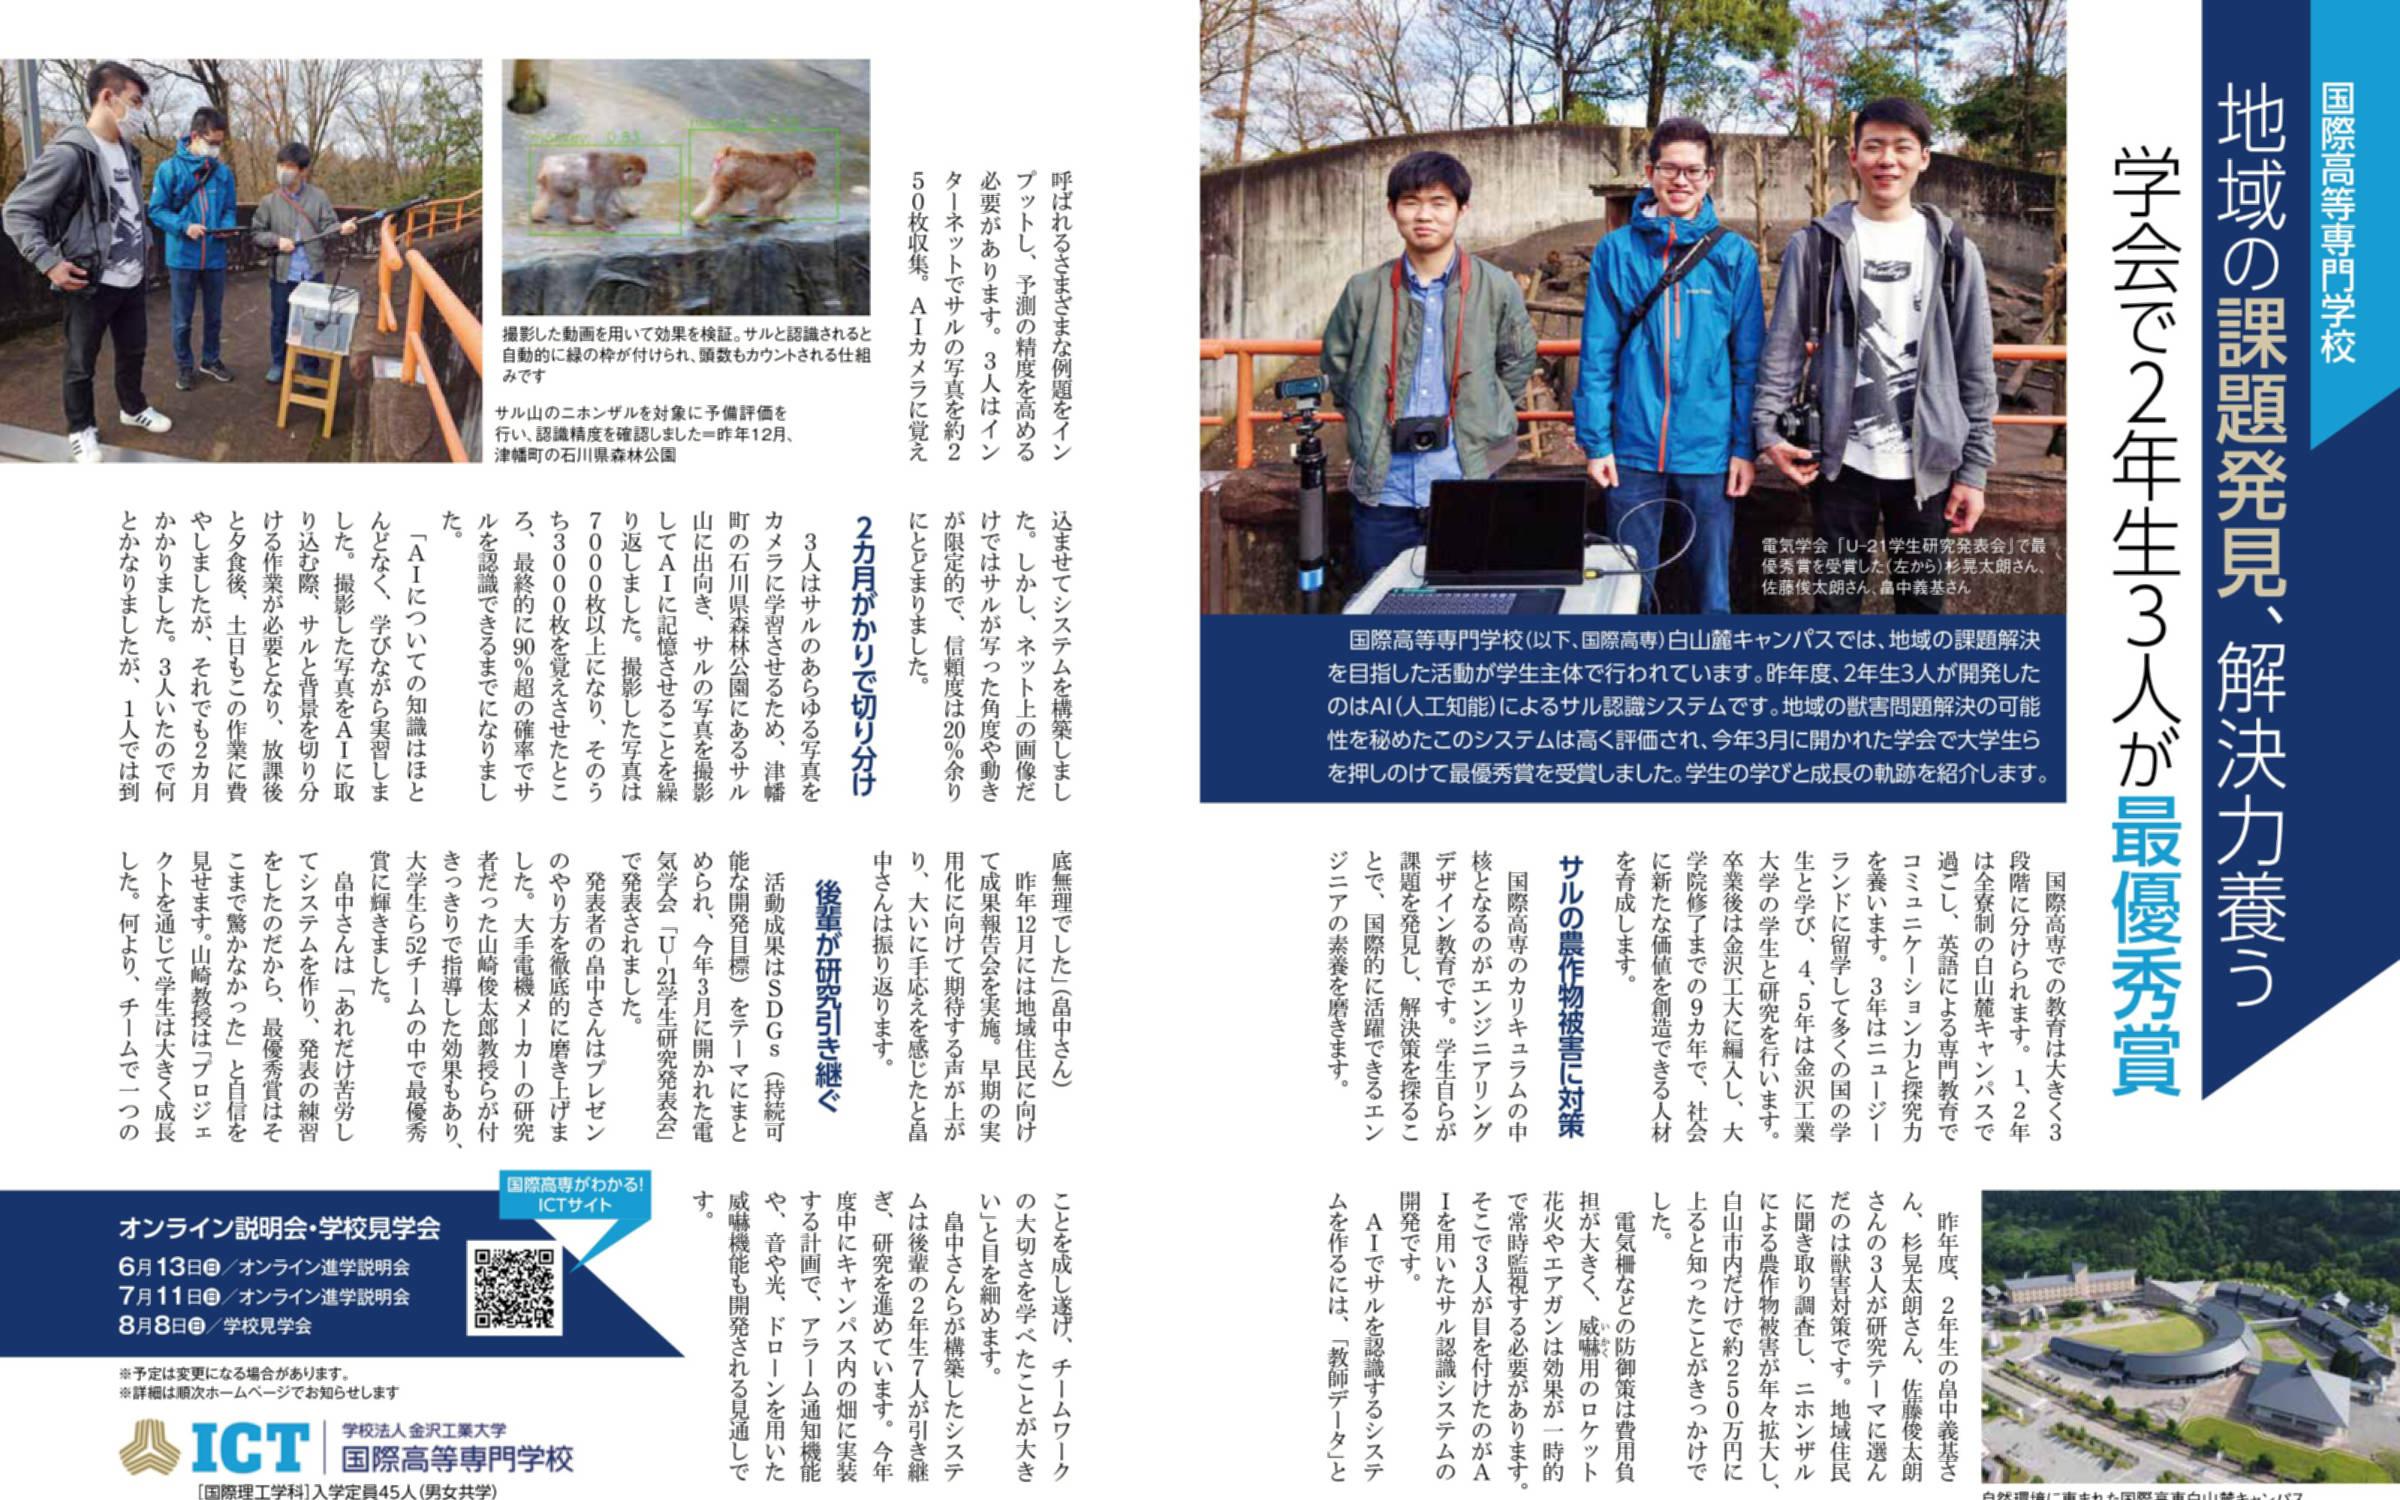 『月刊北國アクタス』6月号に2年生のAIによるサル認識システムの記事が掲載されました。